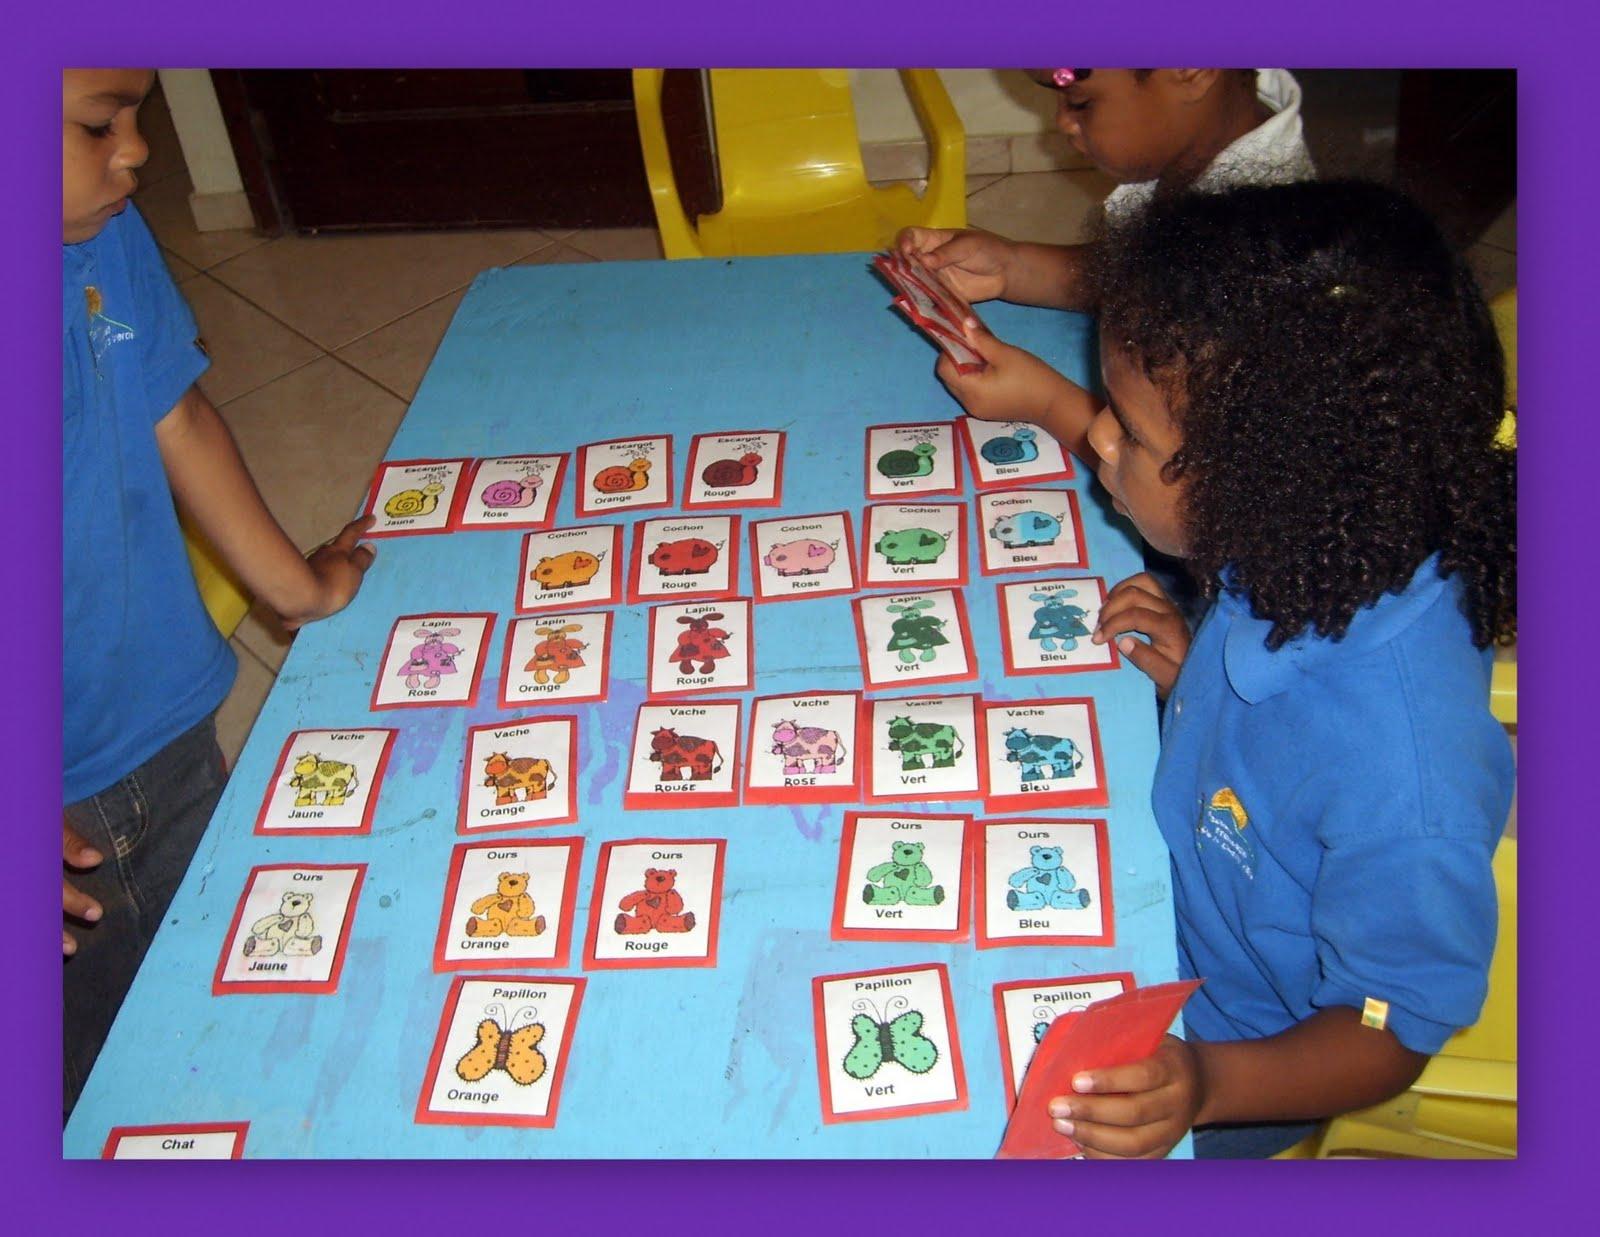 Petite Et Moyenne Sections De Maternelle 2010-2011 dedans Jeux Maternelle Petite Section Gratuit